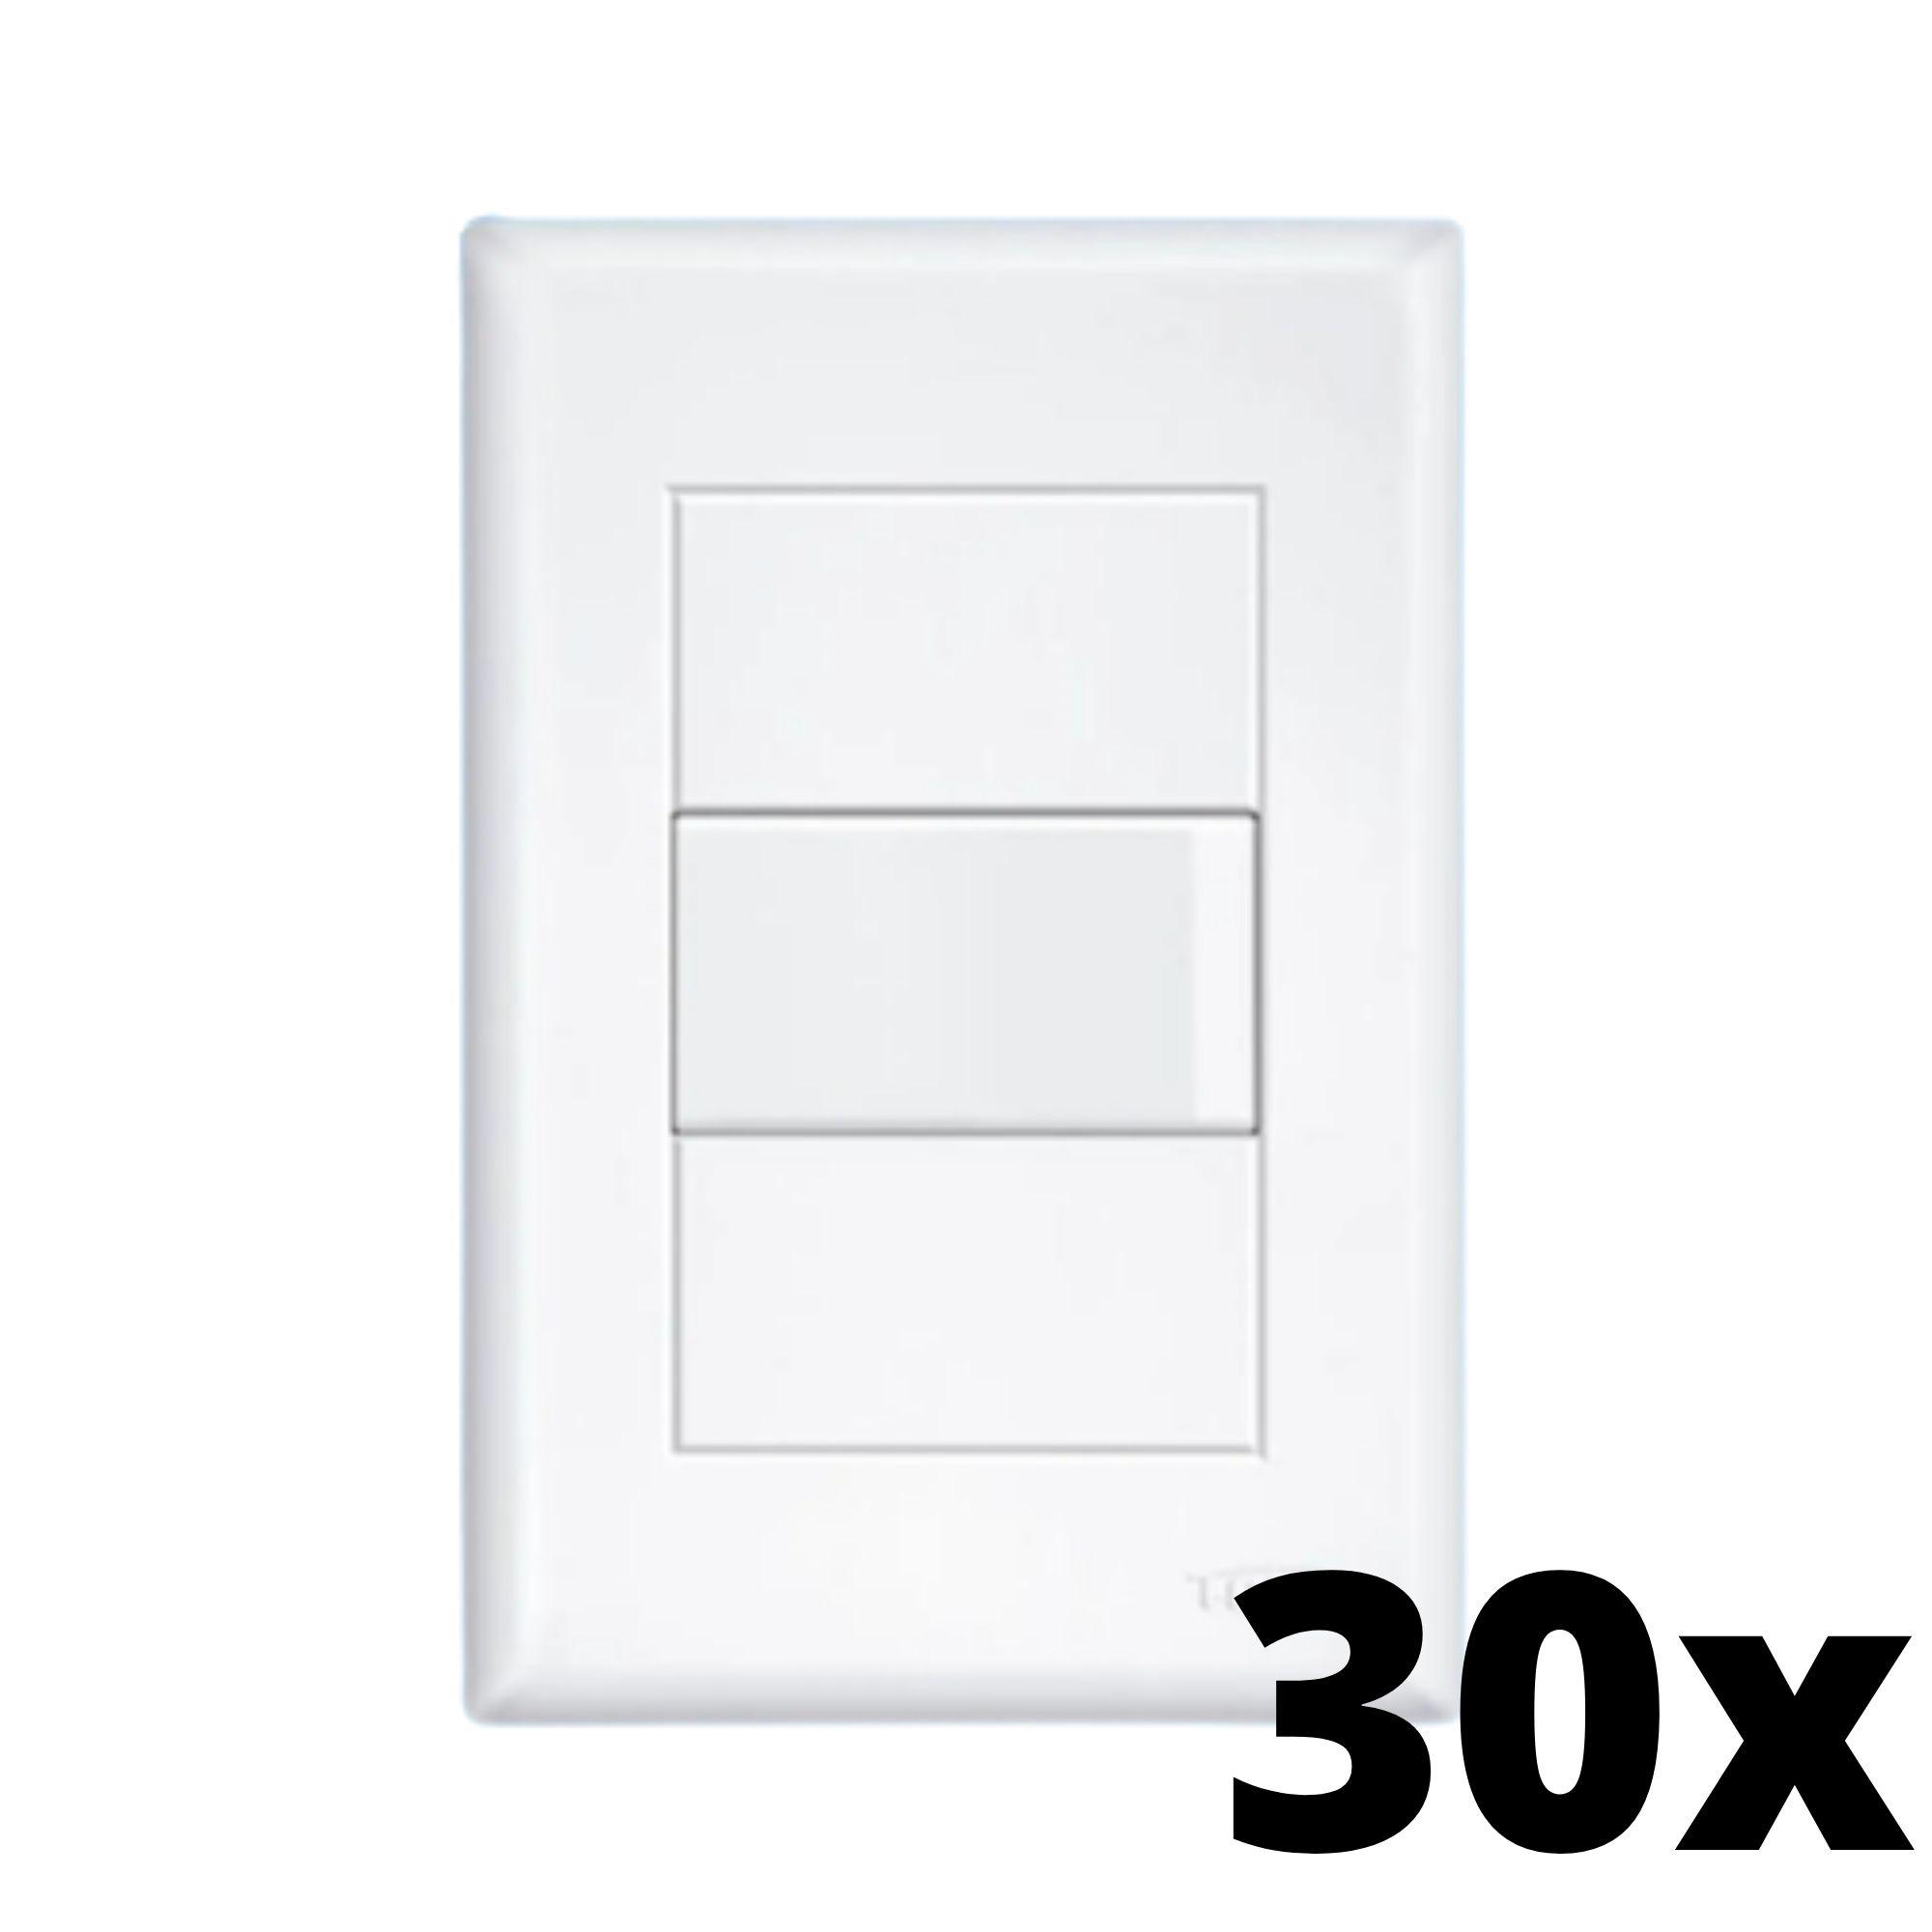 Kit 30 und Evidence 1 Seção de Interruptor Simples Com Placa